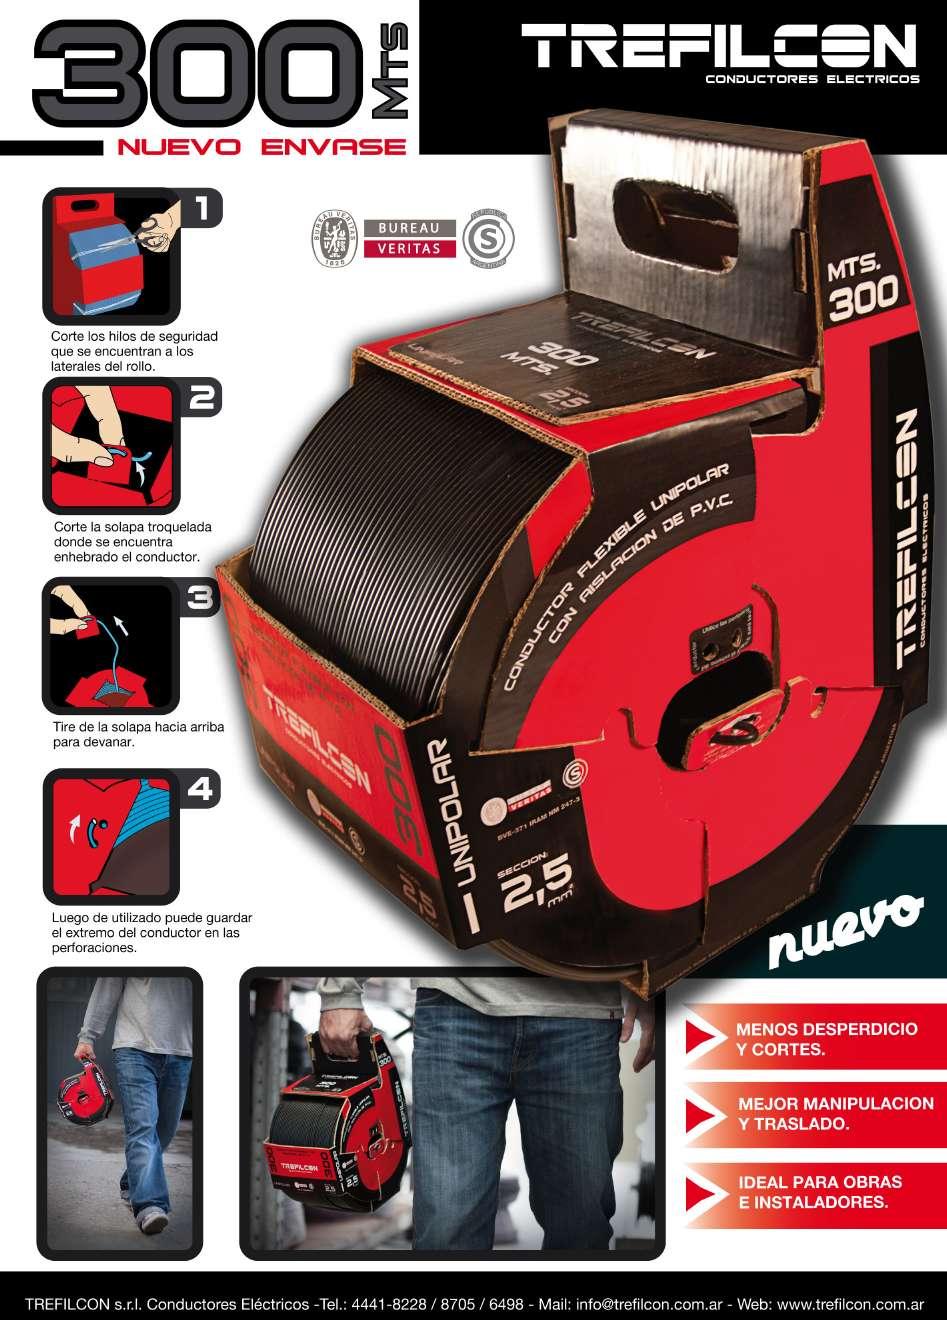 resized_aviso-200x280-caja300mts